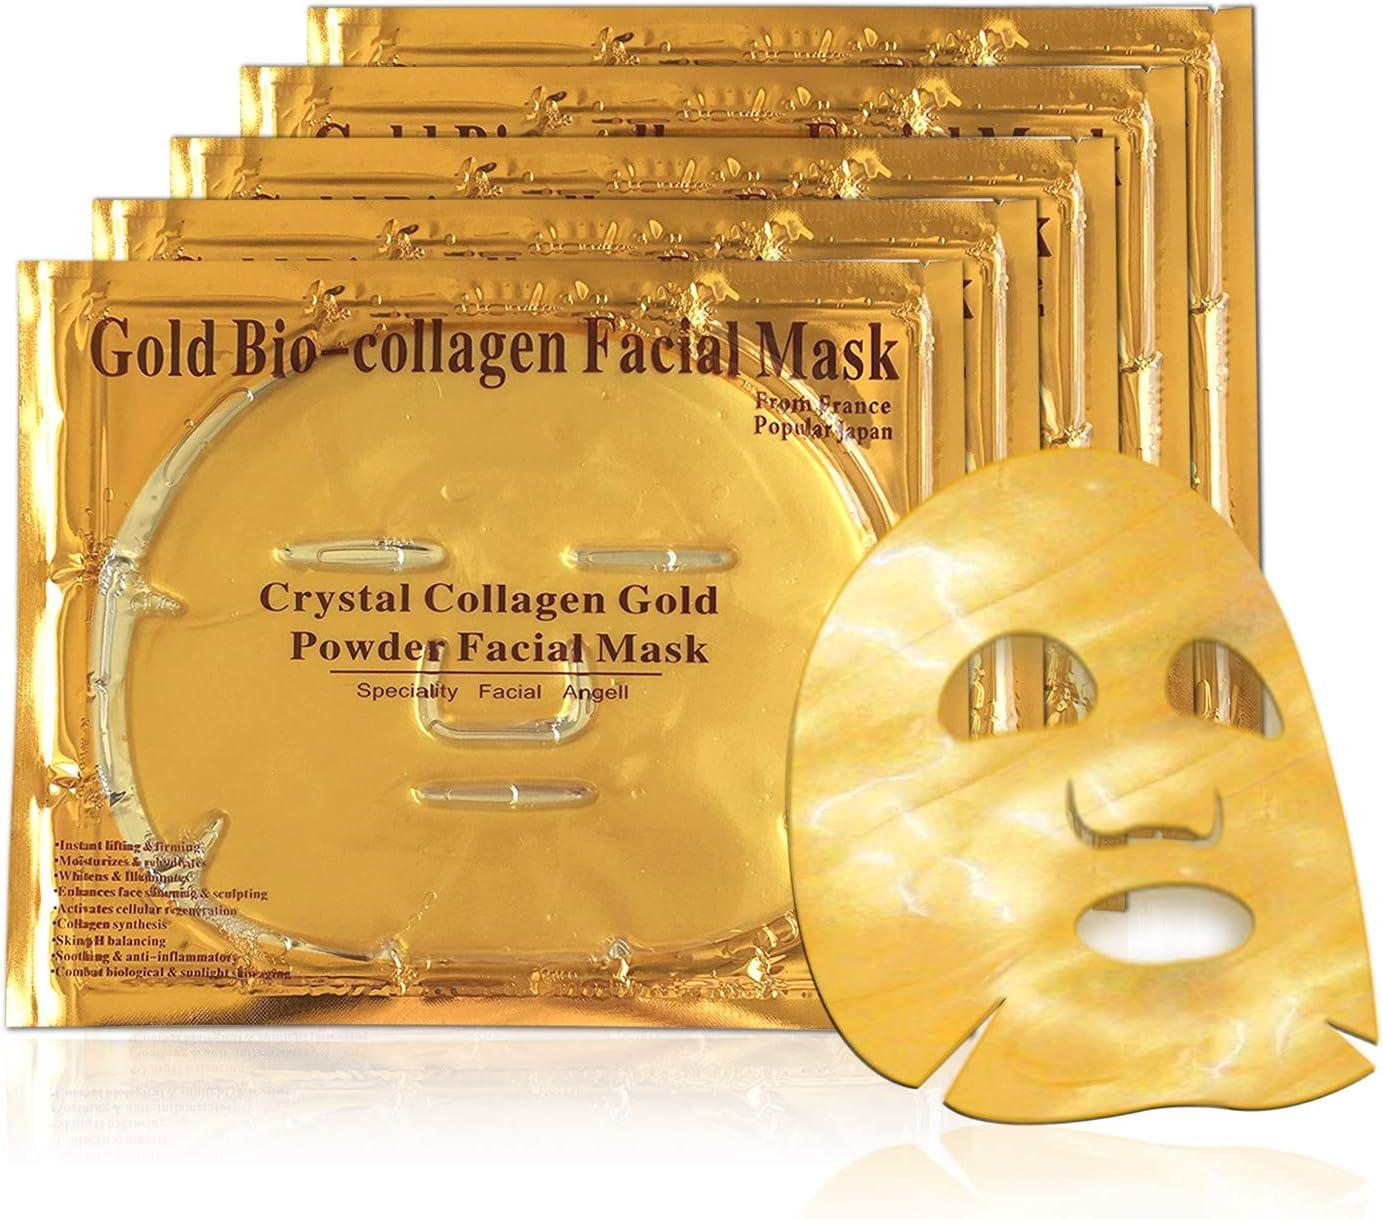 Mascarilla hidratante facial de oro 24k y colageno para tratamiento facial antiarrugas, antienvejecimiento - 5 piezas: Amazon.es: Belleza